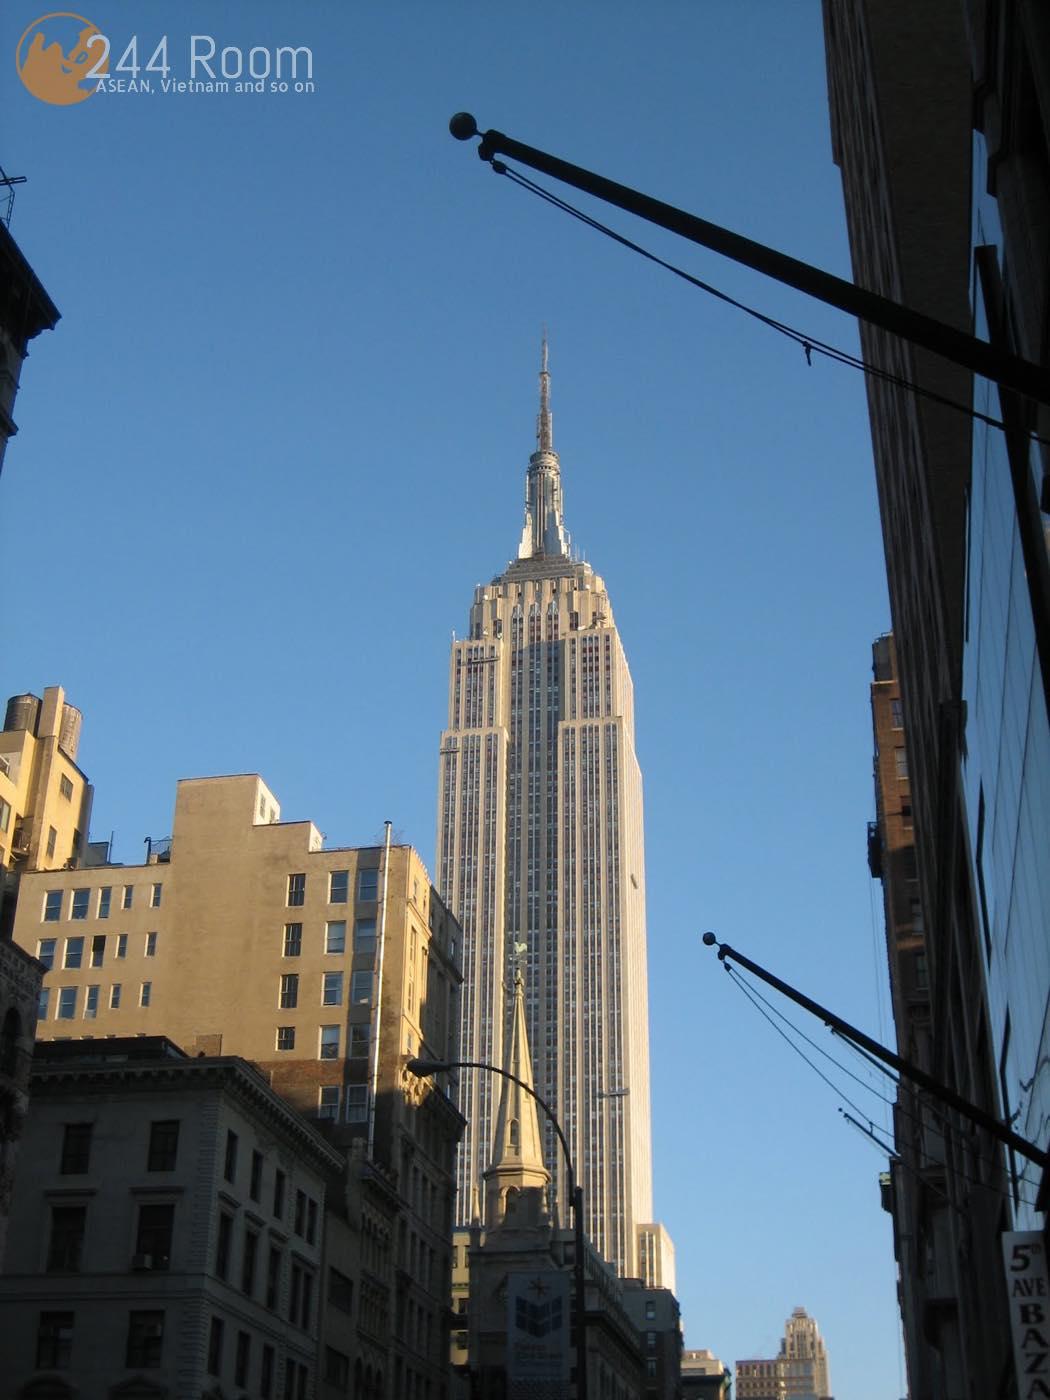 エンパイアステートビル Empire state building